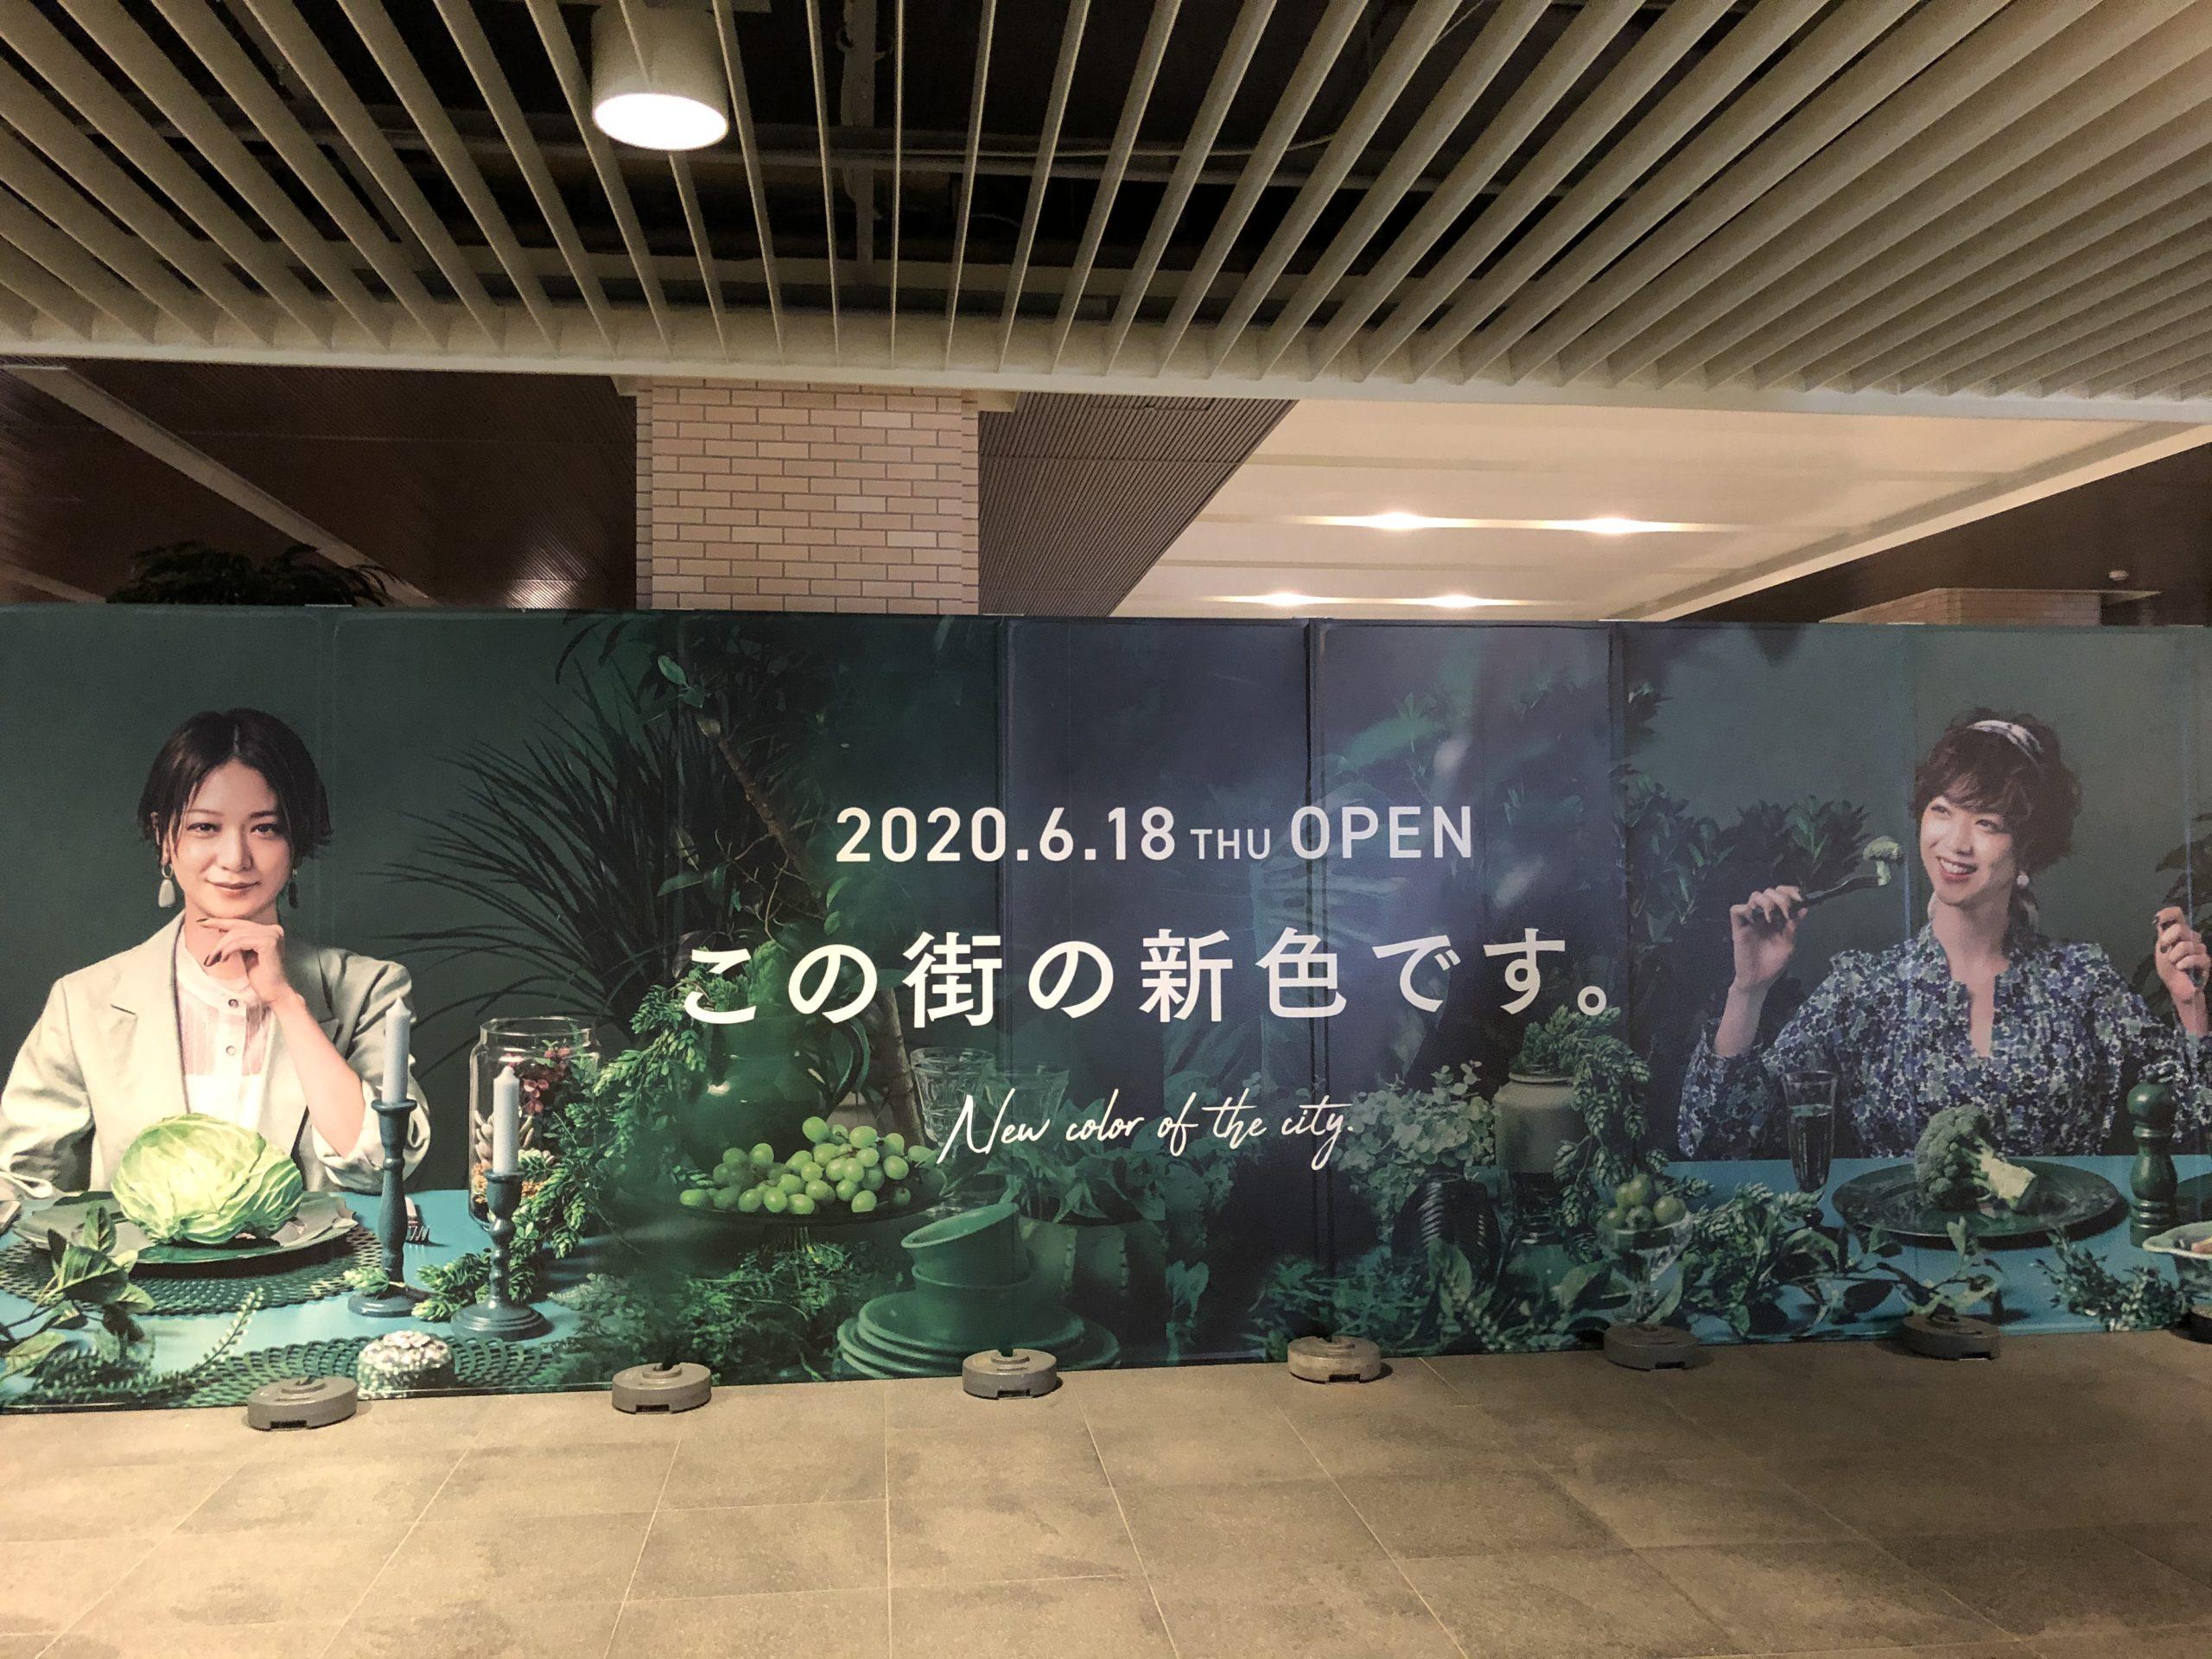 山本のハンバーグ 札幌miredo店 6月18日(木)オープン